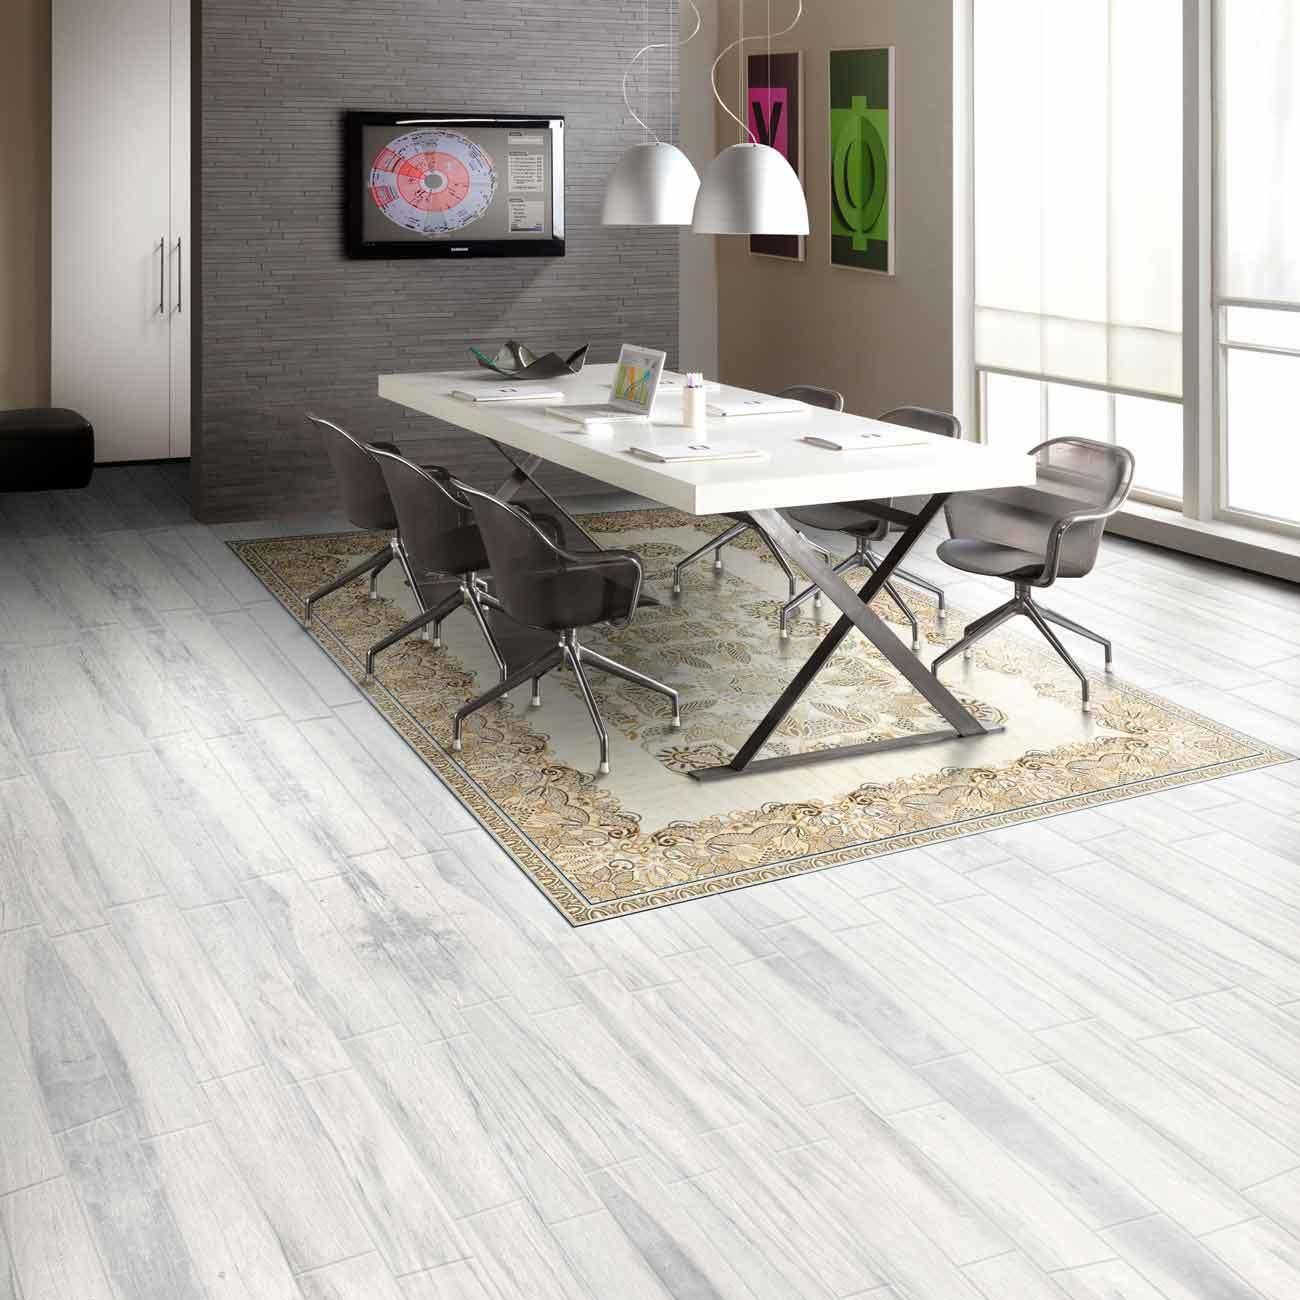 hot item inkjet glazed polished ceramic tile with wood surface glazed floor ceramic tile rustic wood look tile wooden porcelain tile